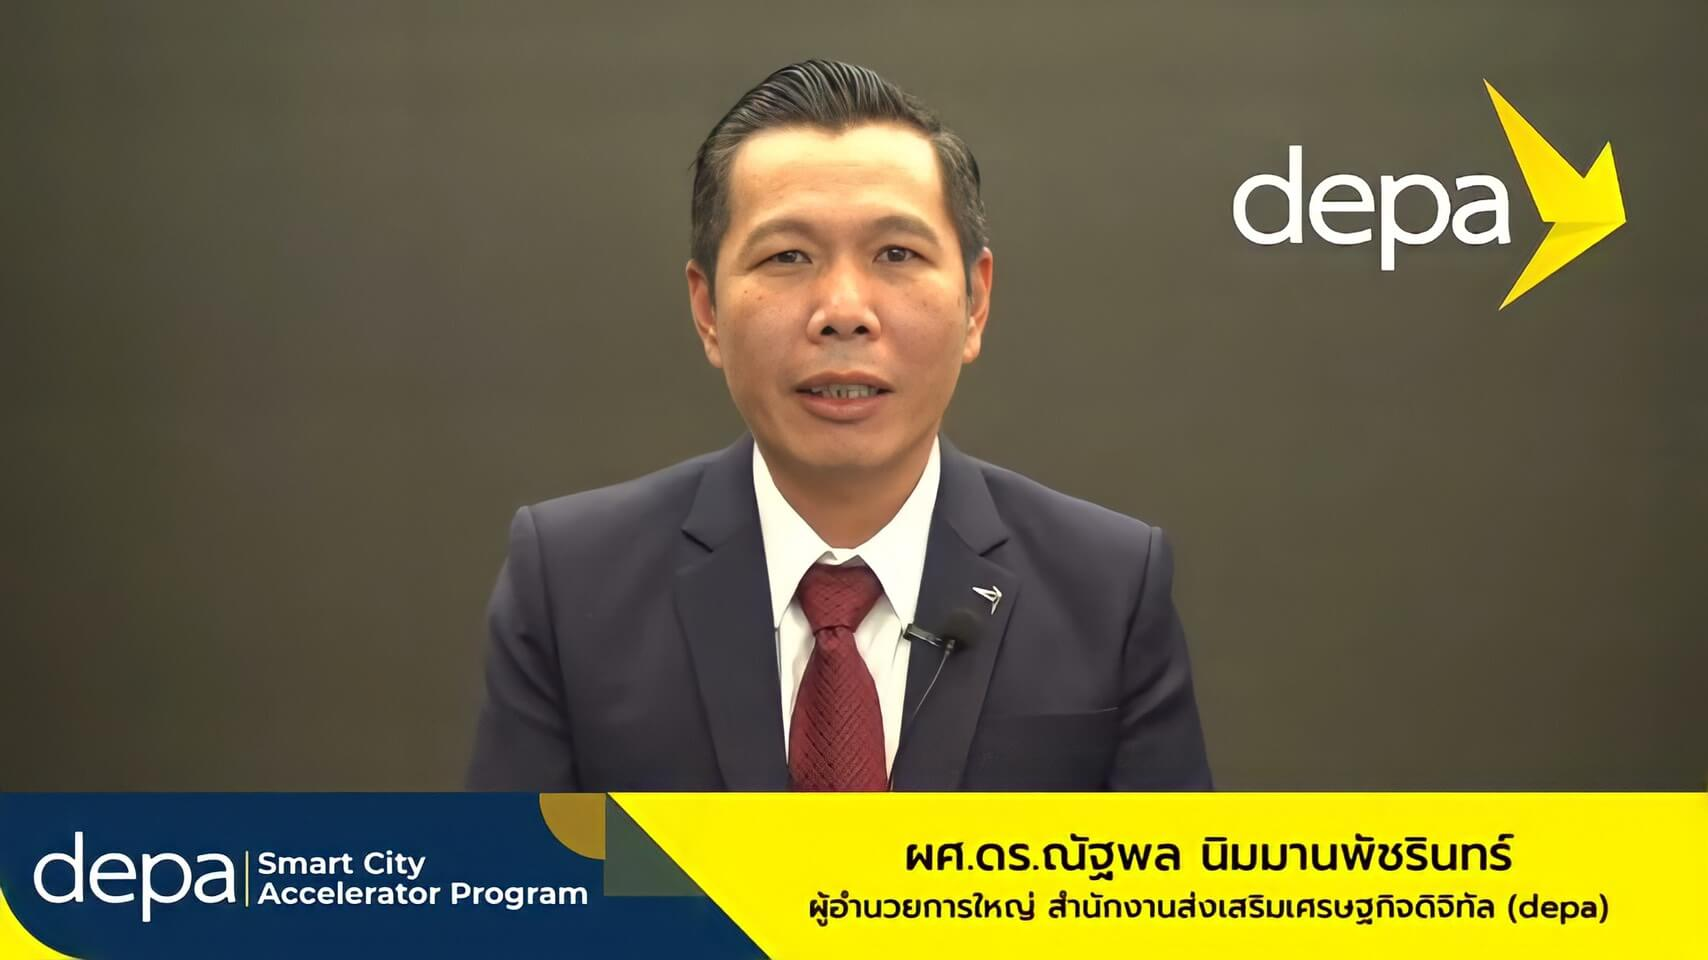 ผศ.ดร.ณัฐพล นิมมานพัชรินทร์ ผู้อำนวยการใหญ่ สำนักงานส่งเสริมเศรษฐกิจดิจิทัล หรือ ดีป้า